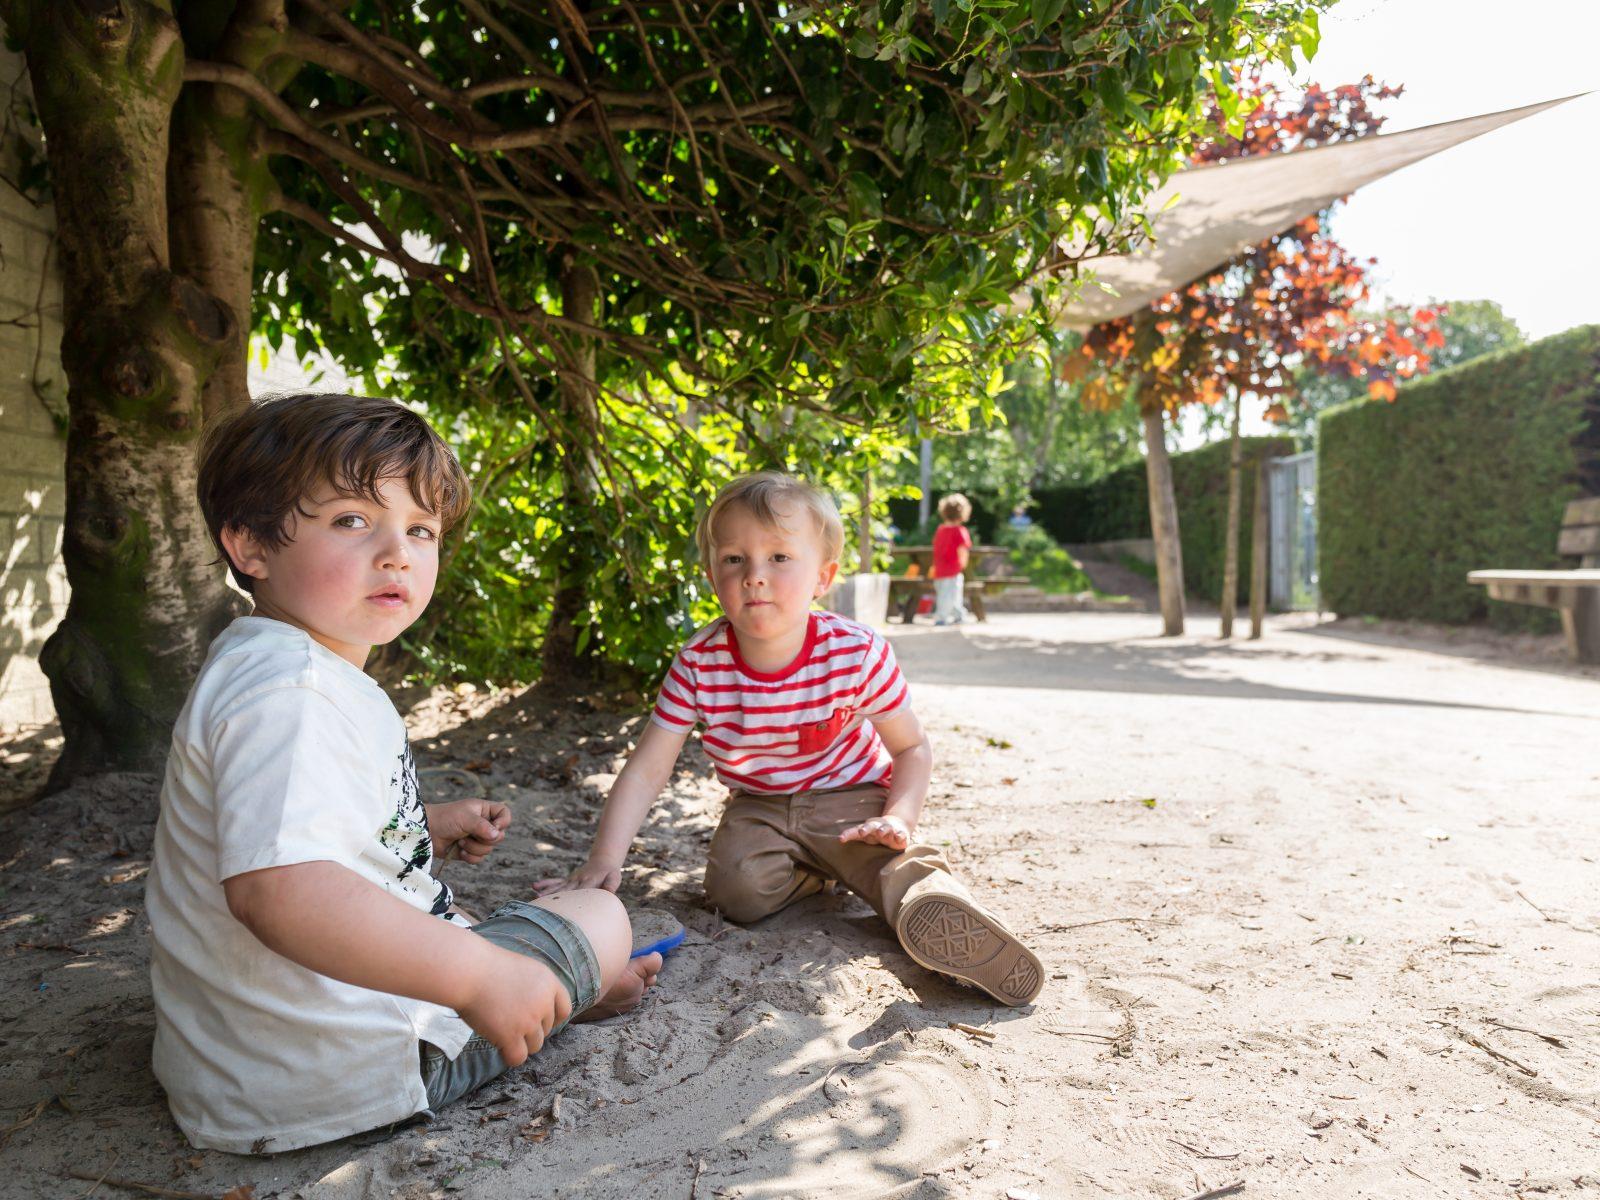 Ons aanbod: Twee jongetjes spelen buiten in het zand